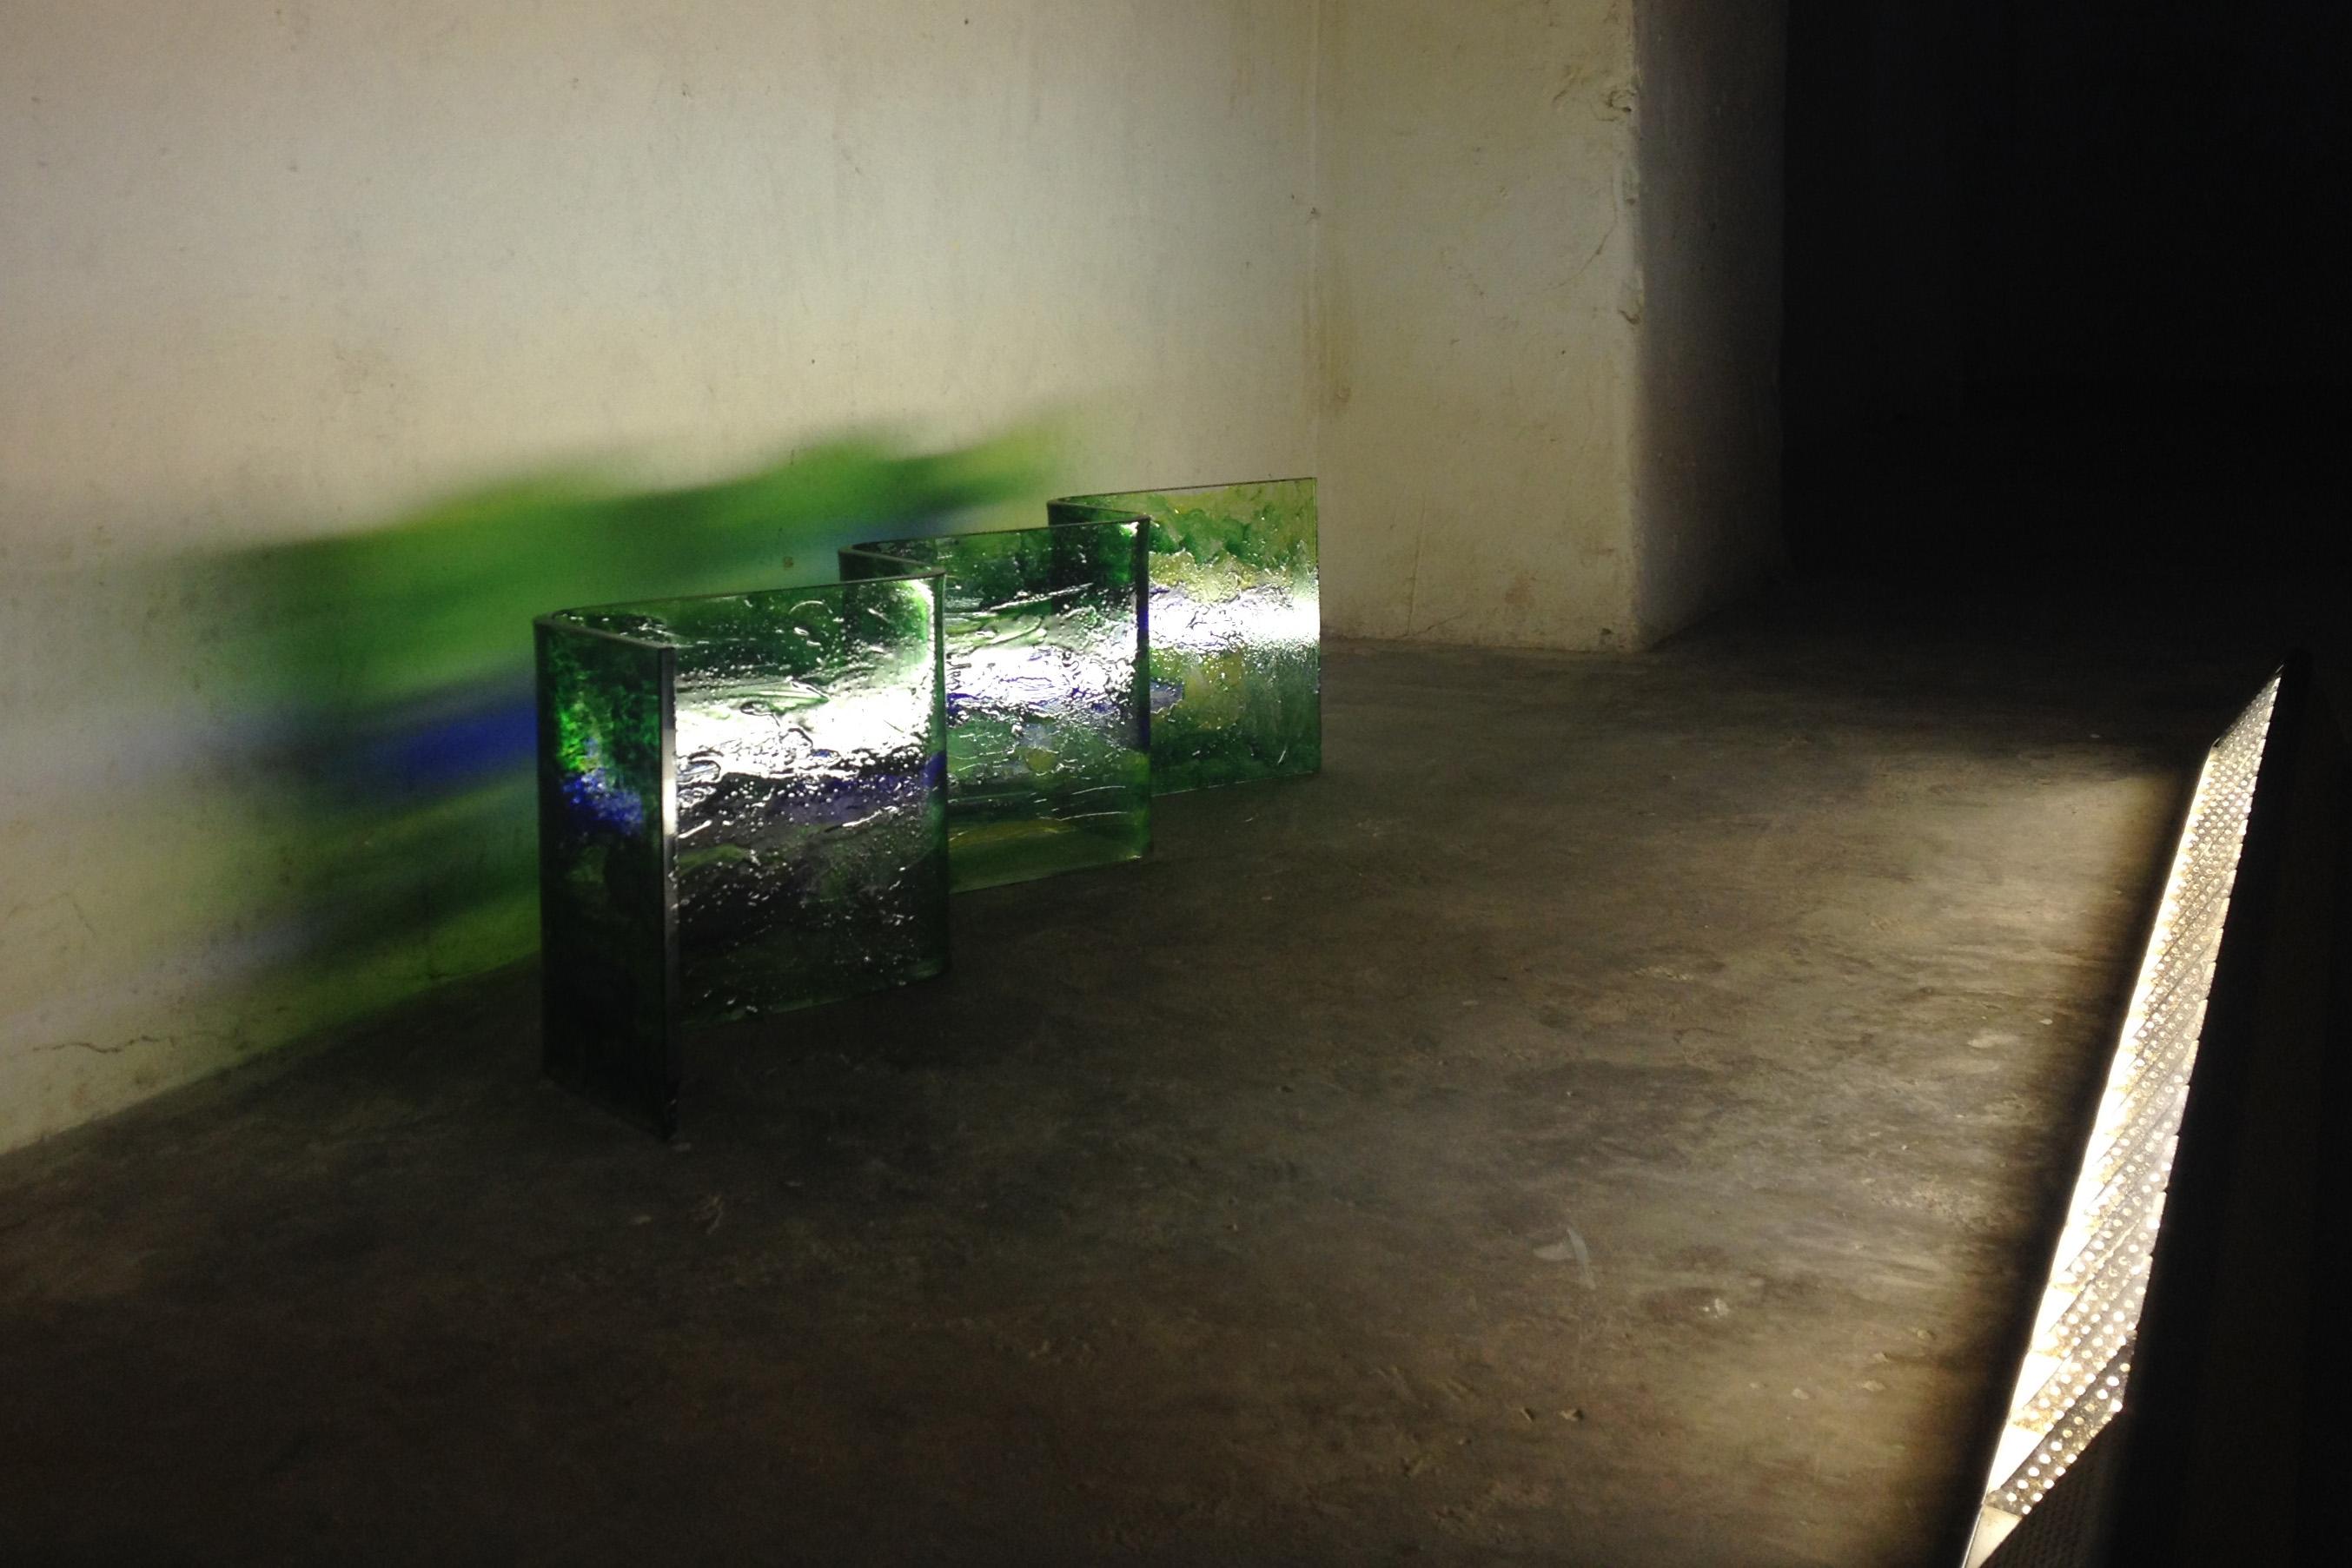 Lena Bergendahl e opere in corso per il suo progetto 'San Vincenzo' allo studio Cultural Documents a Filignano ad Agosto 2017 © Cultural Documents